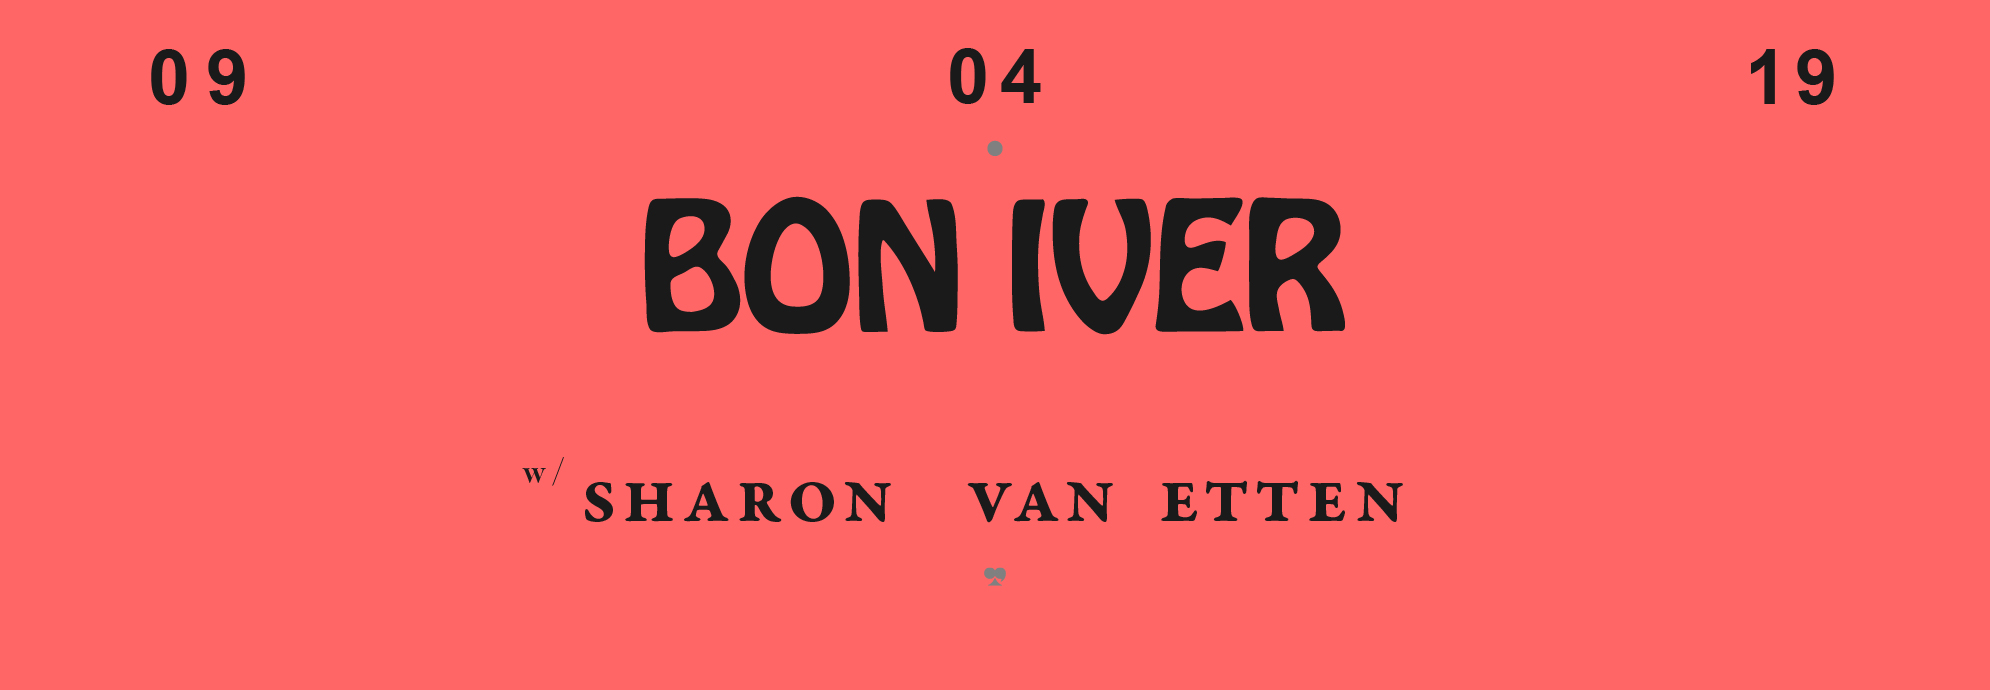 Bon Iver